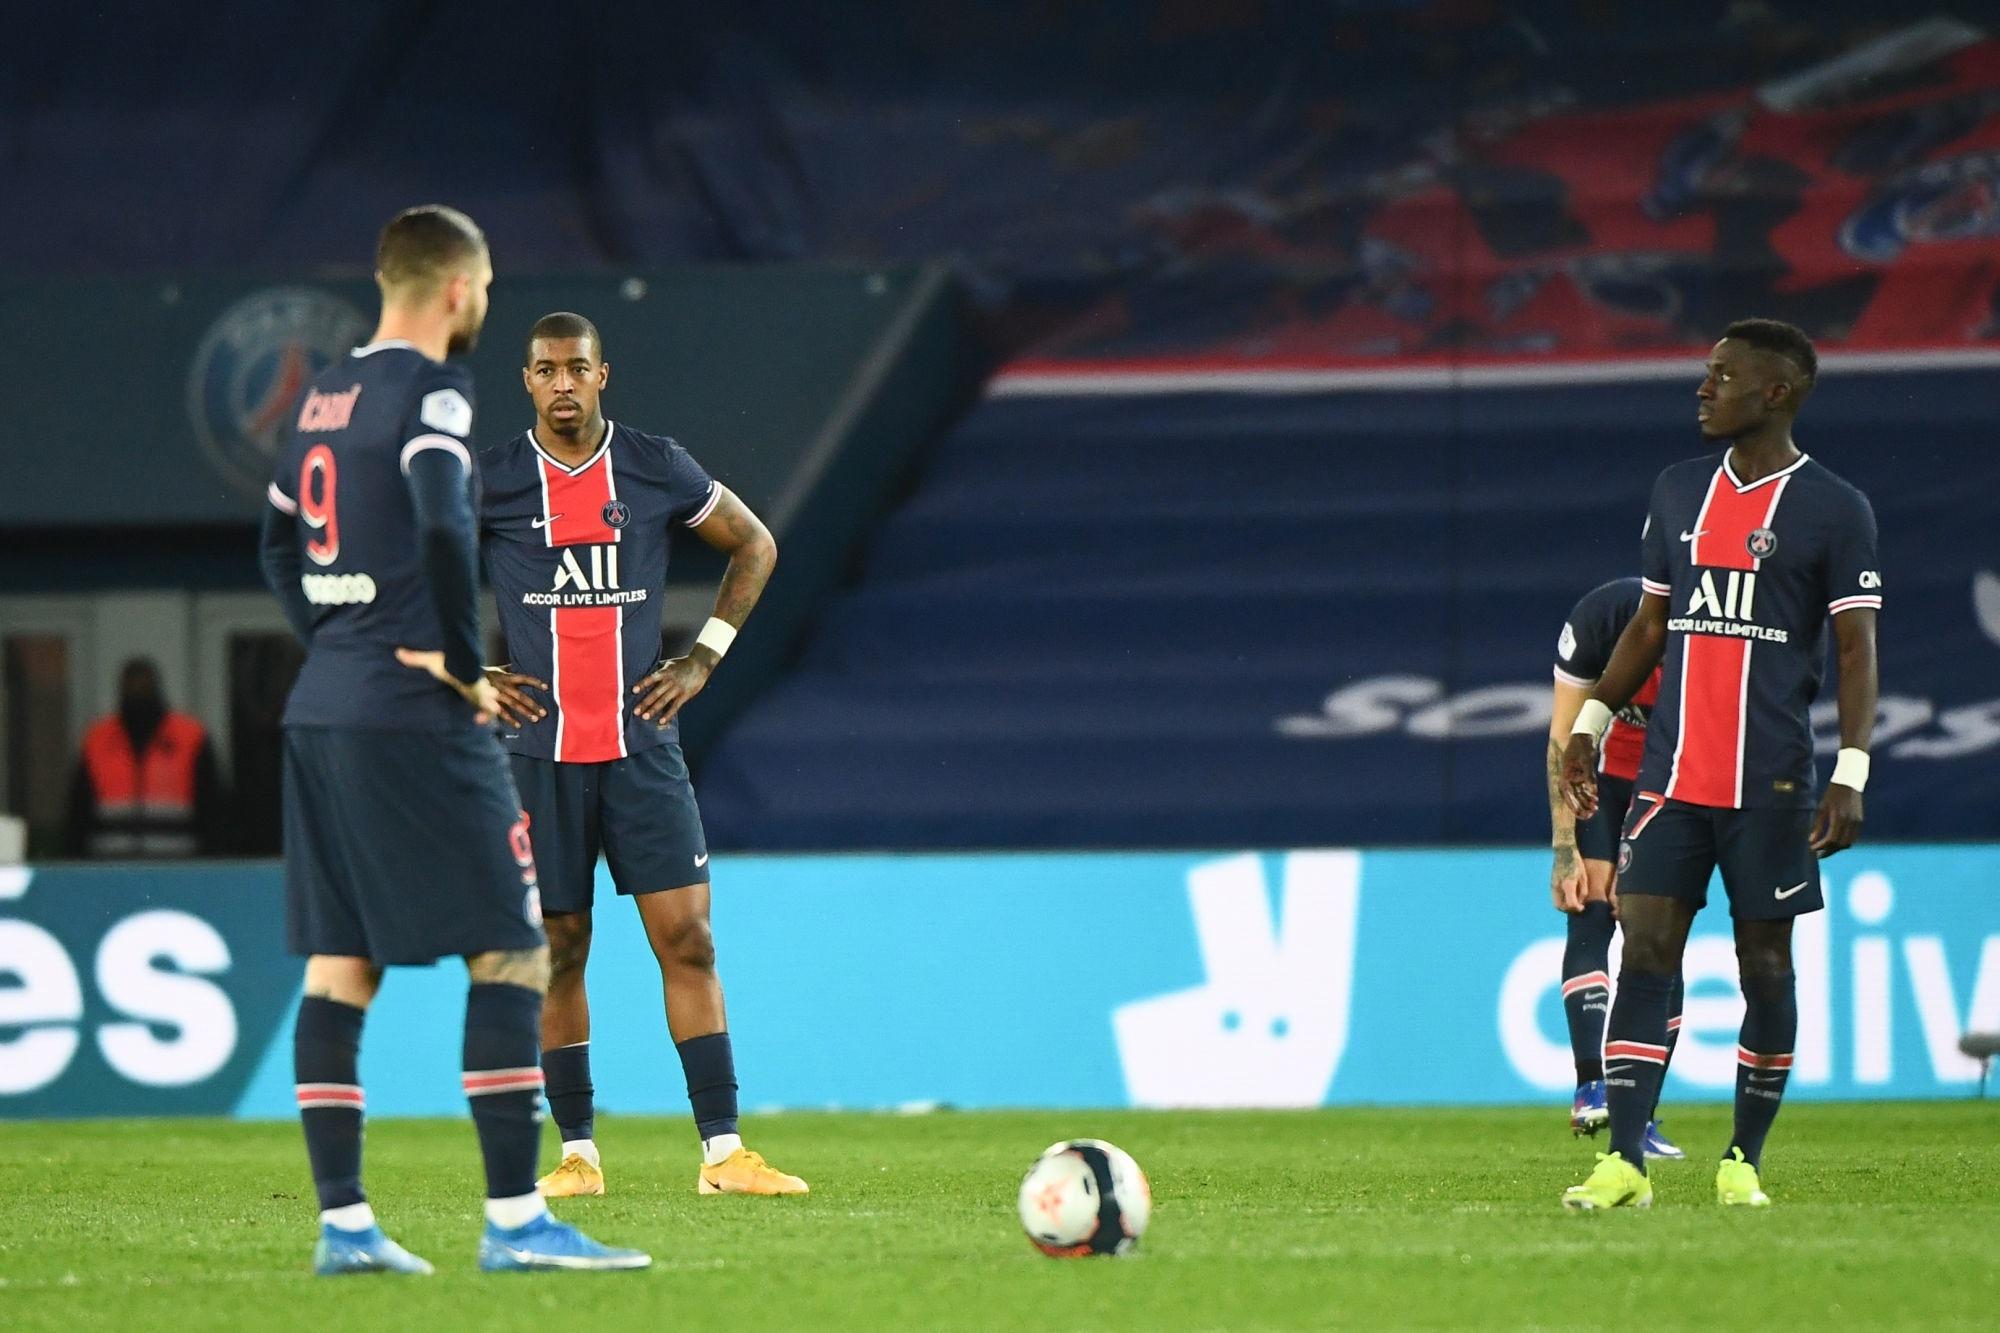 PSG/Monaco - Les notes des Parisiens après une triste défaite